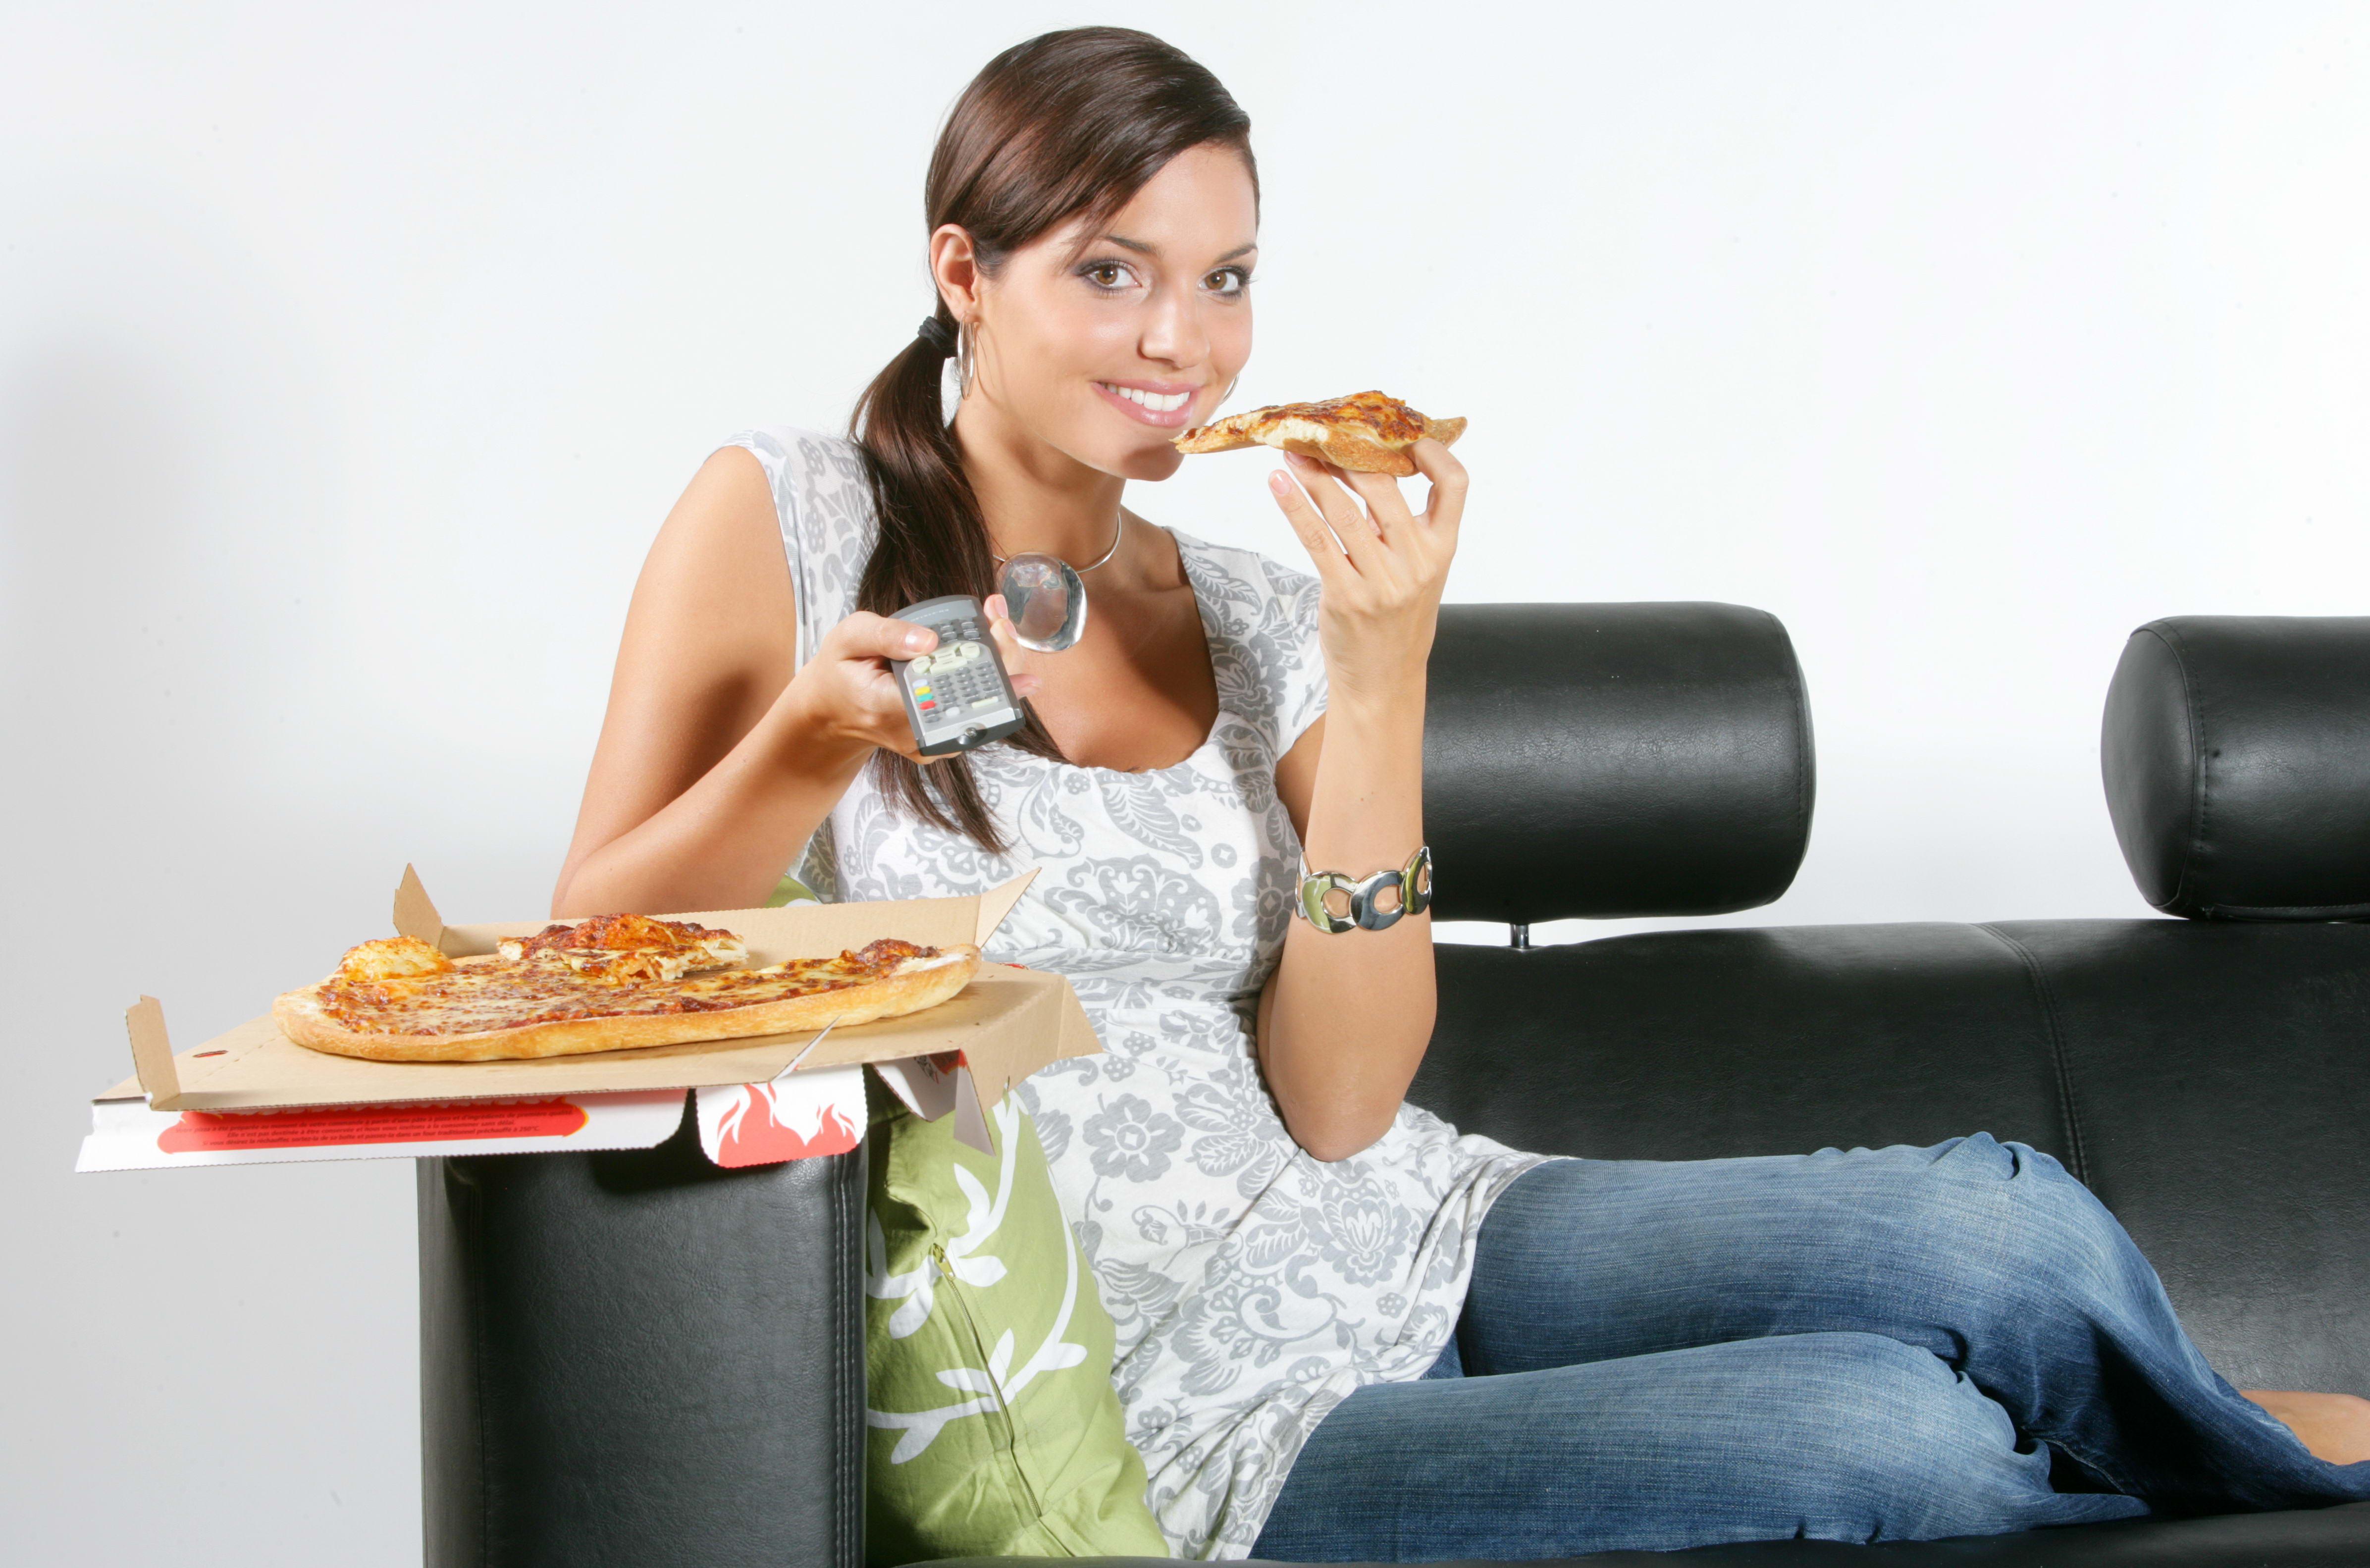 Секс с девушкой из доставки пиццы 8 фотография